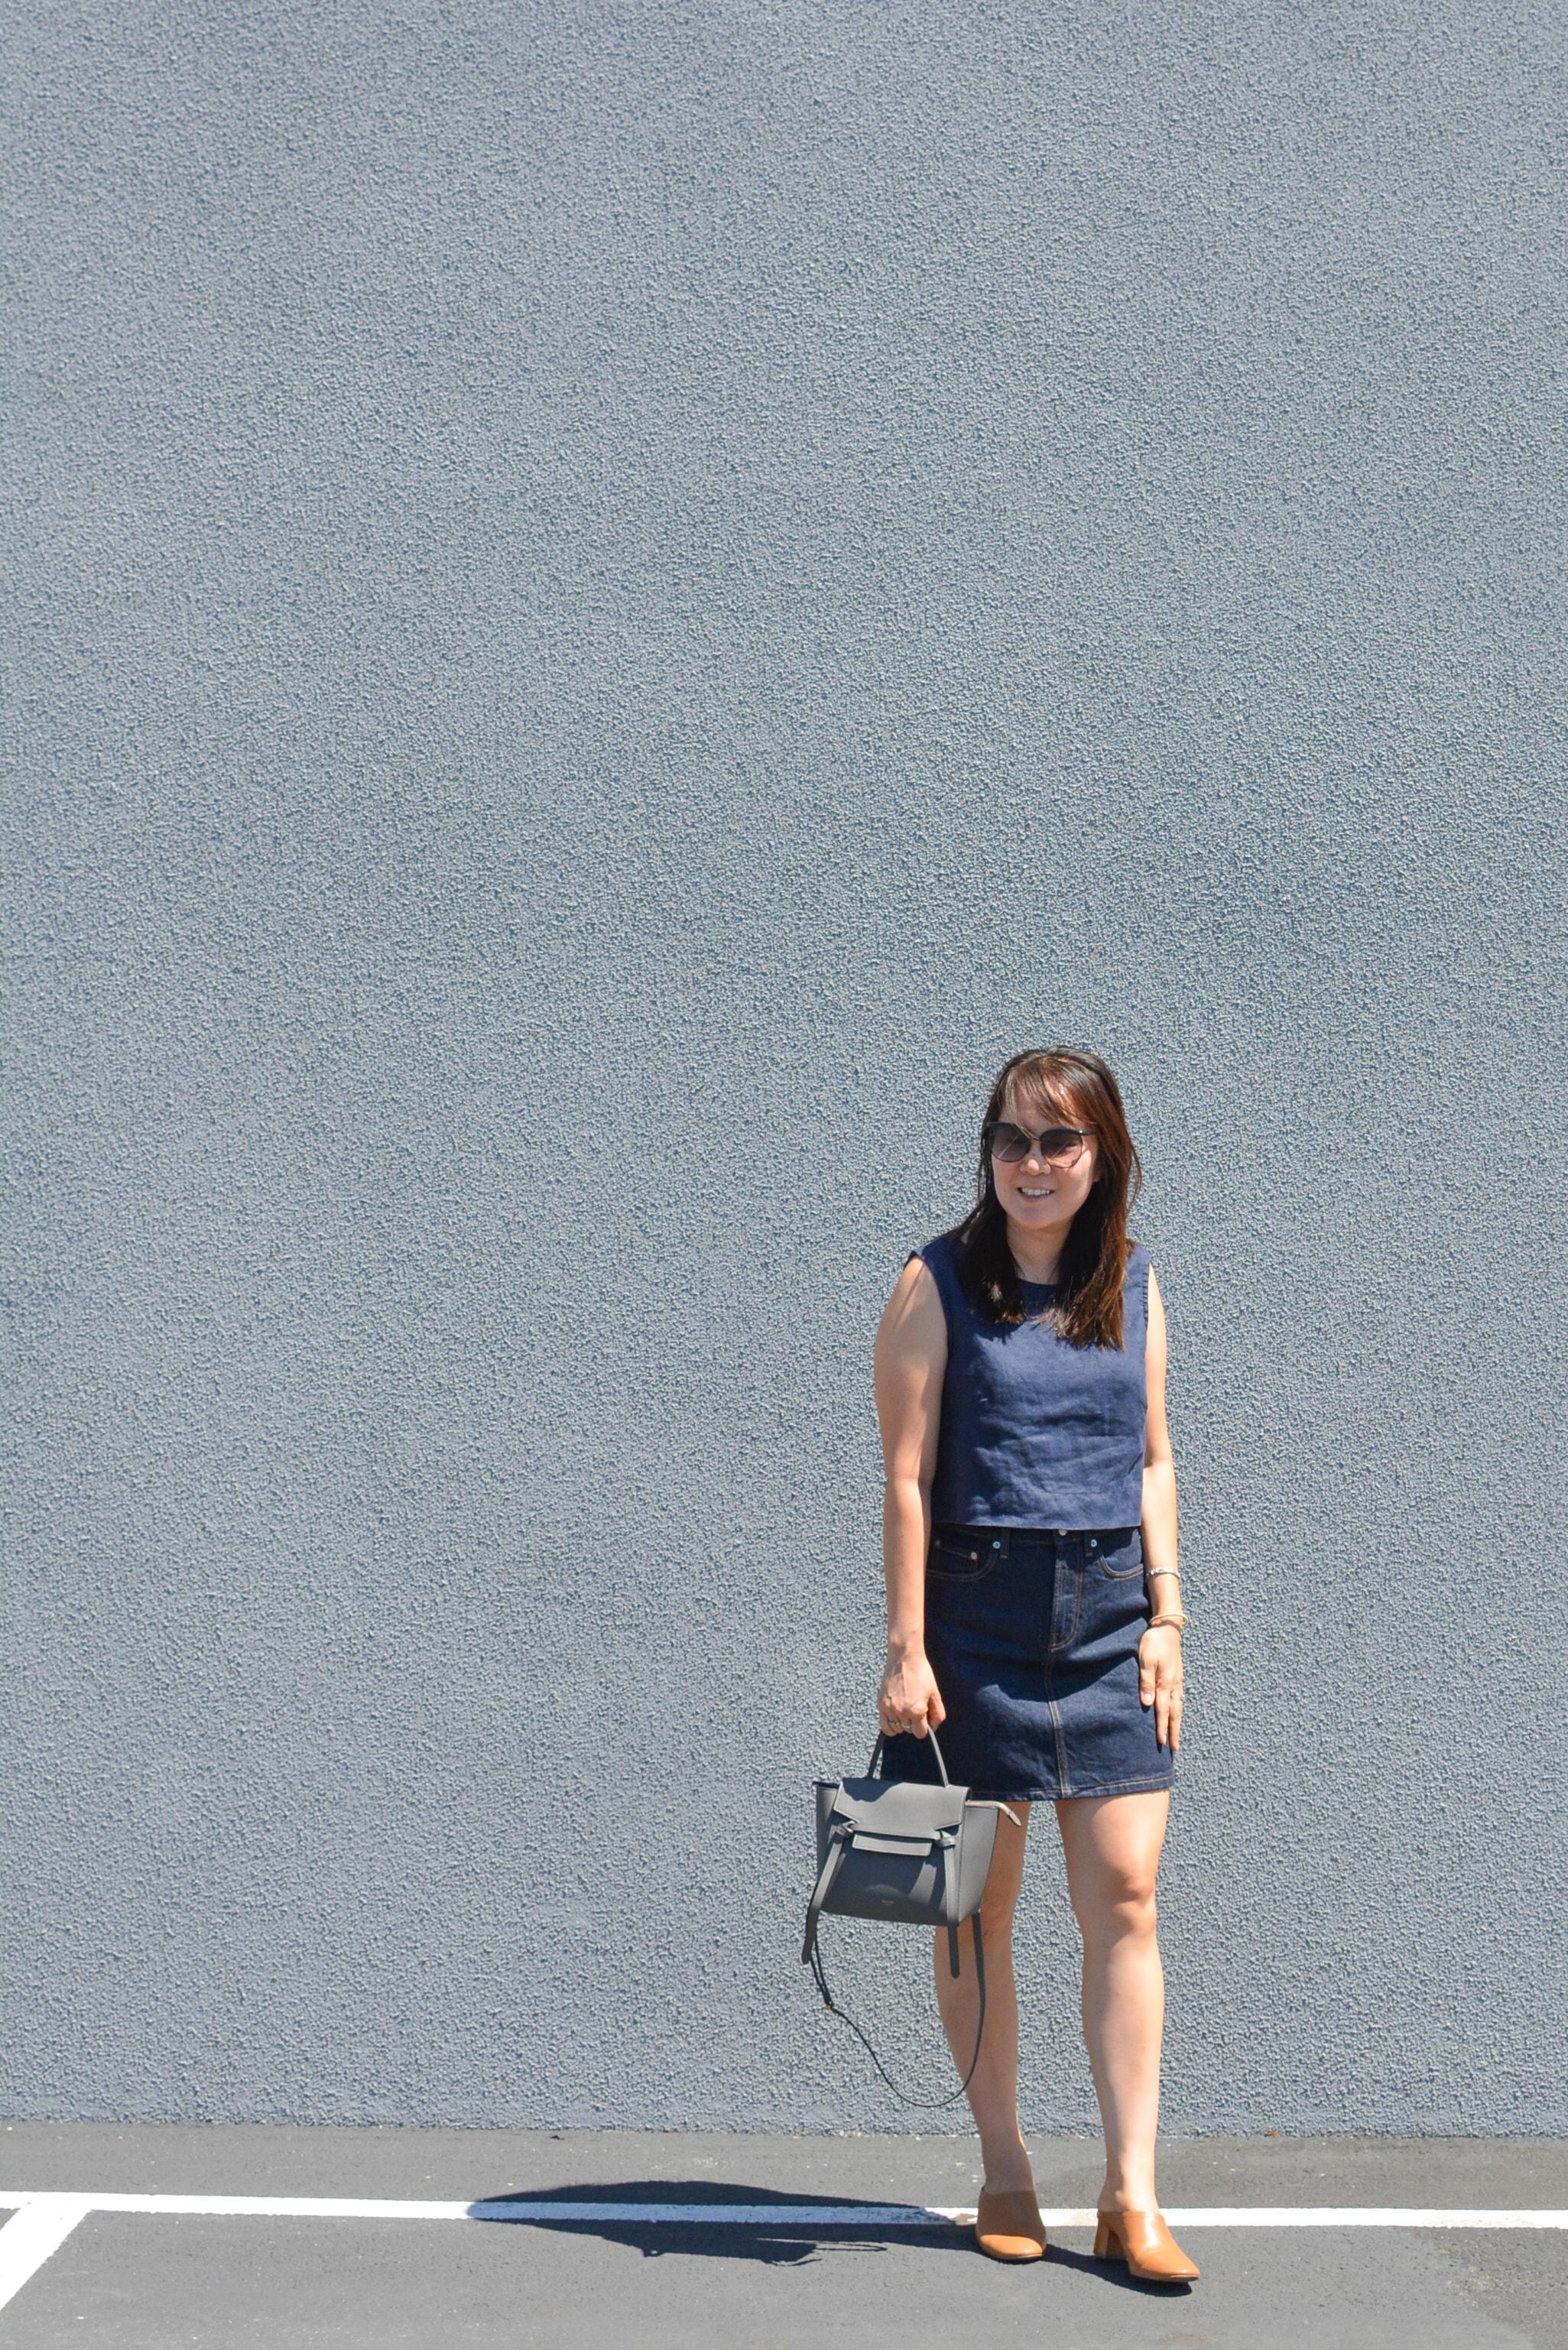 Everlane Review The Denim Skirt (1 of 3)-min.jpg